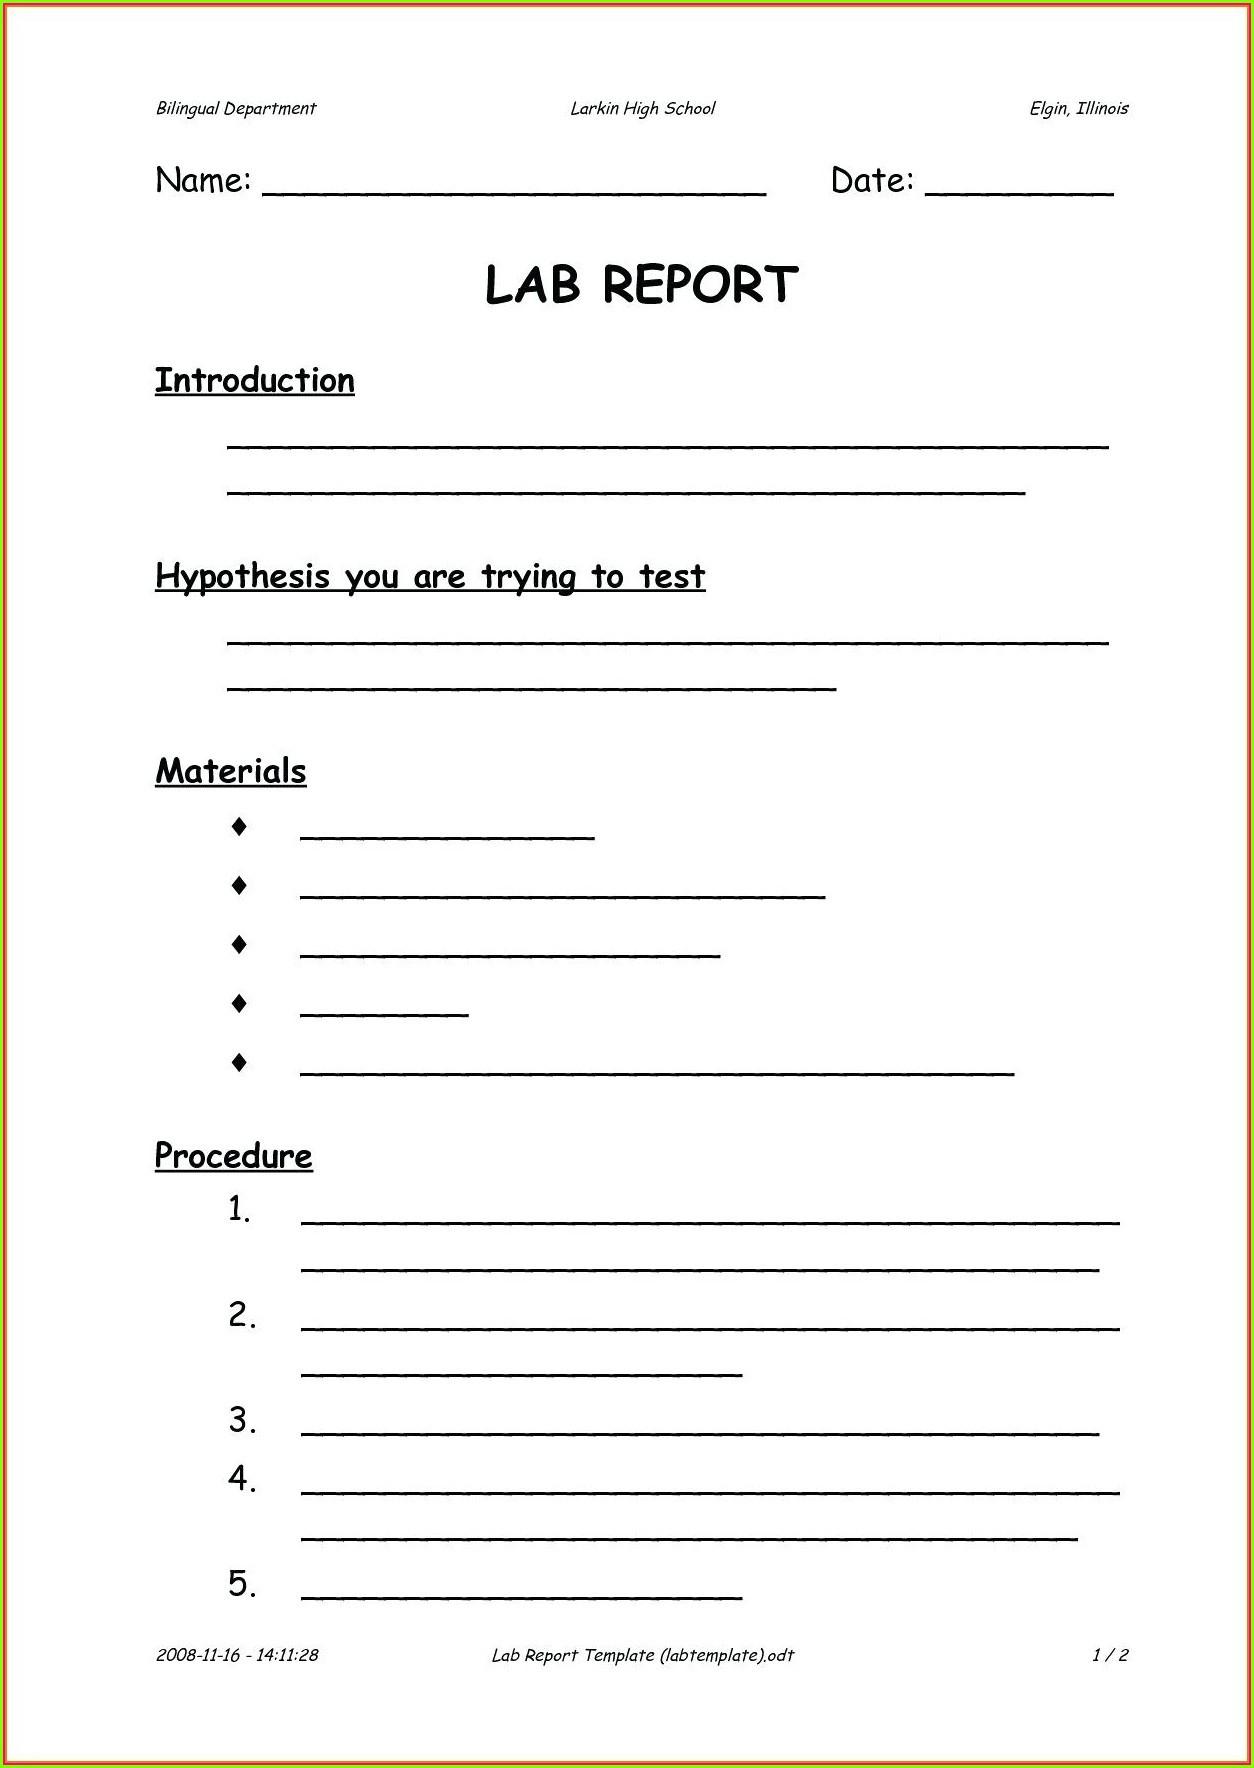 Scientific Method Worksheet High School High School Scientific Method Worksheet Printable Worksheets